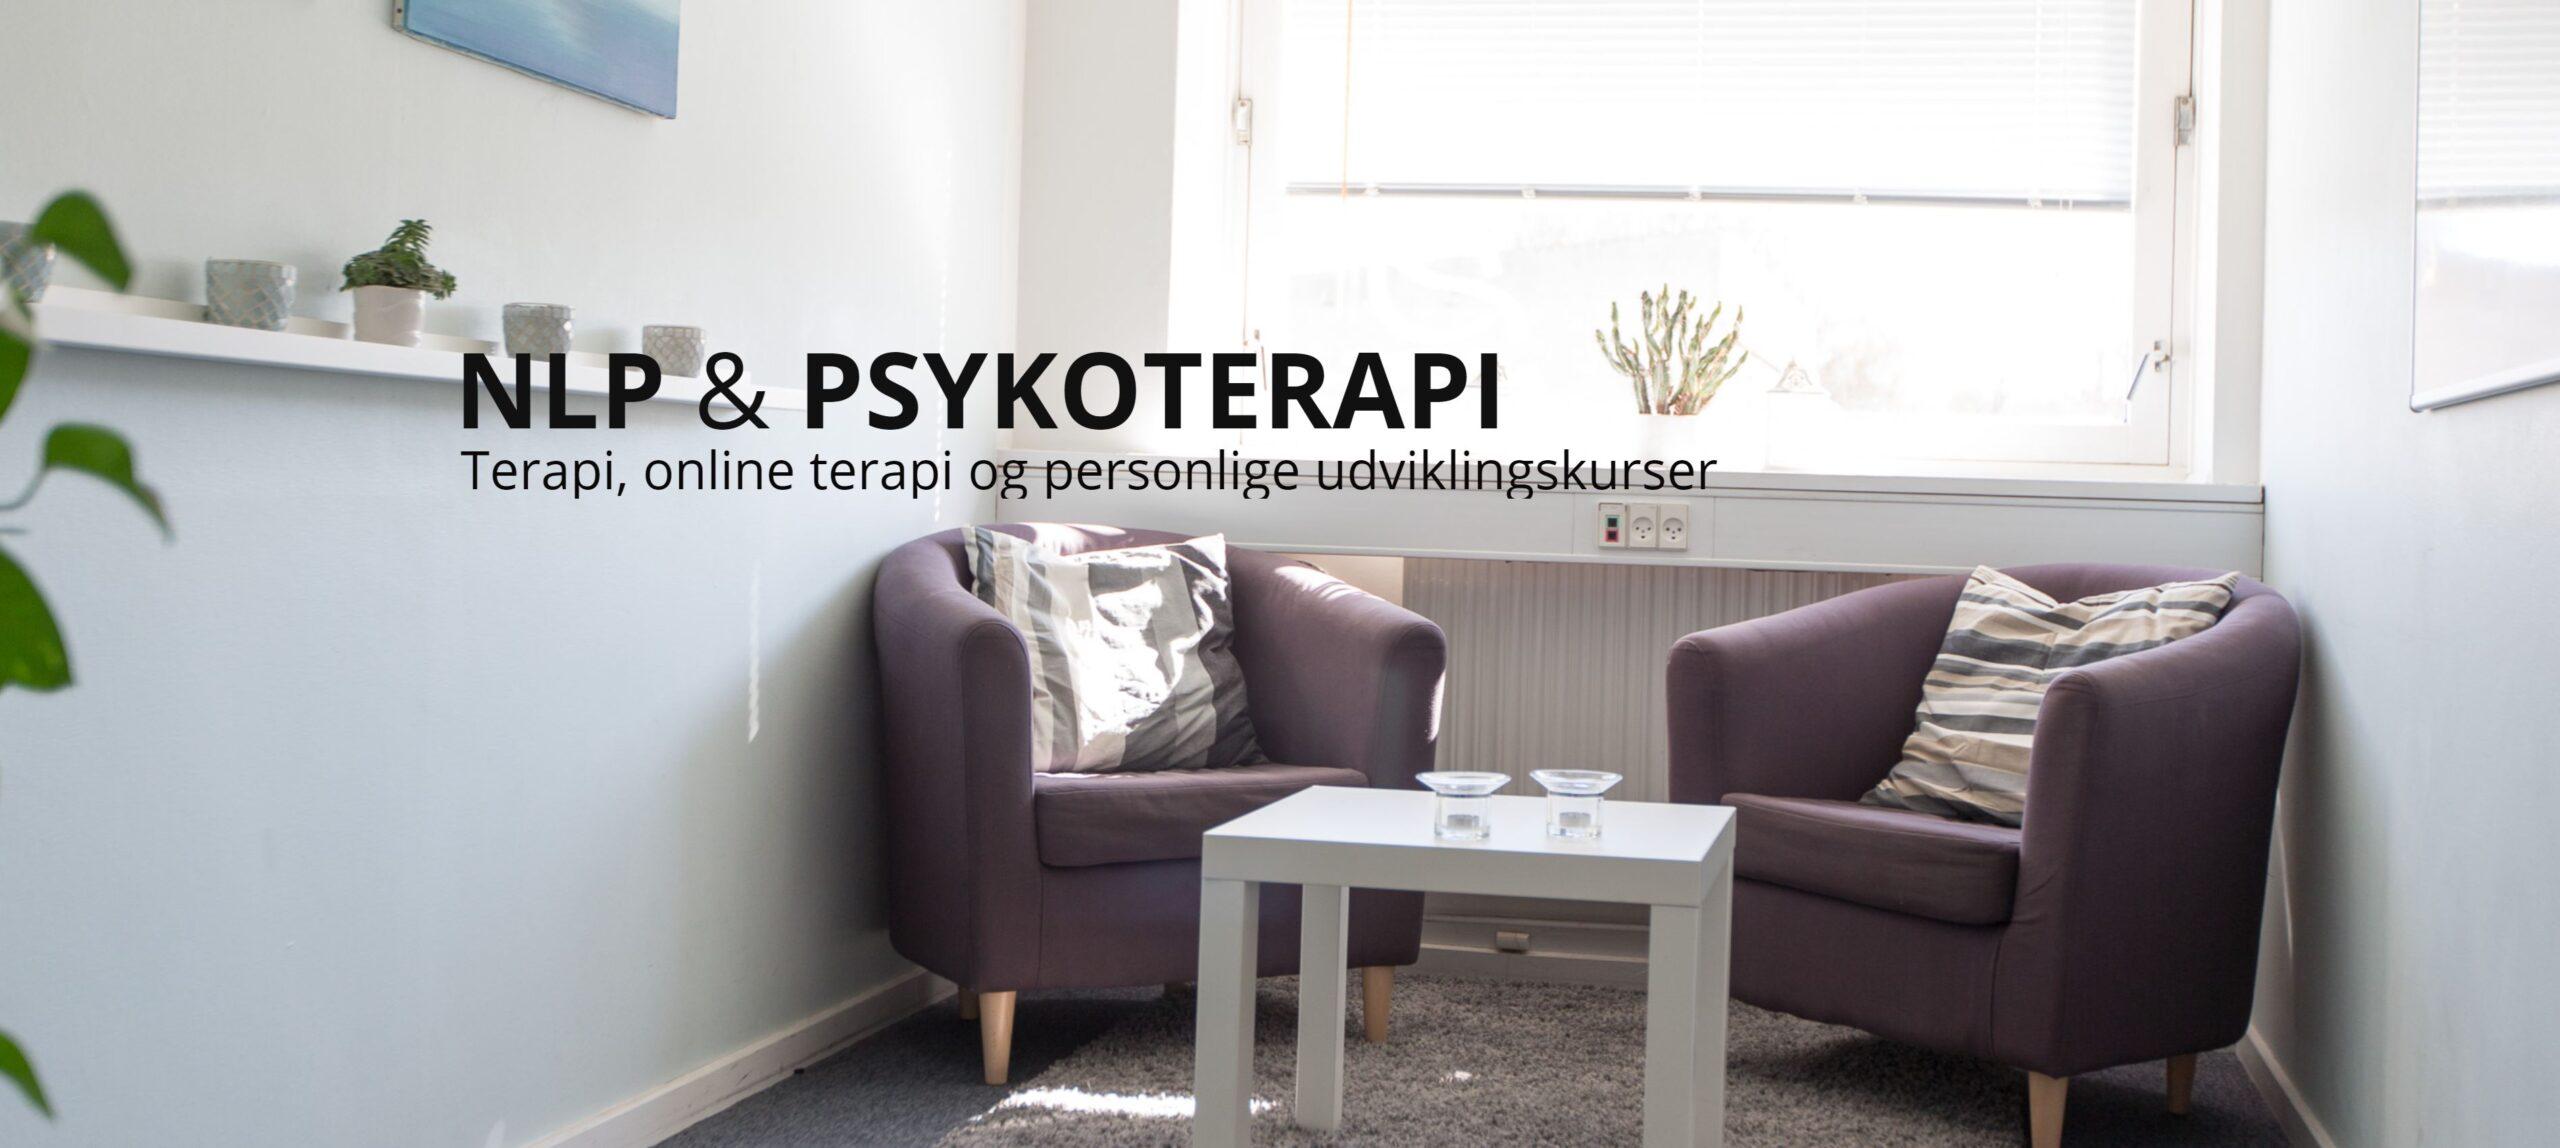 tyrkisk psykoterapi